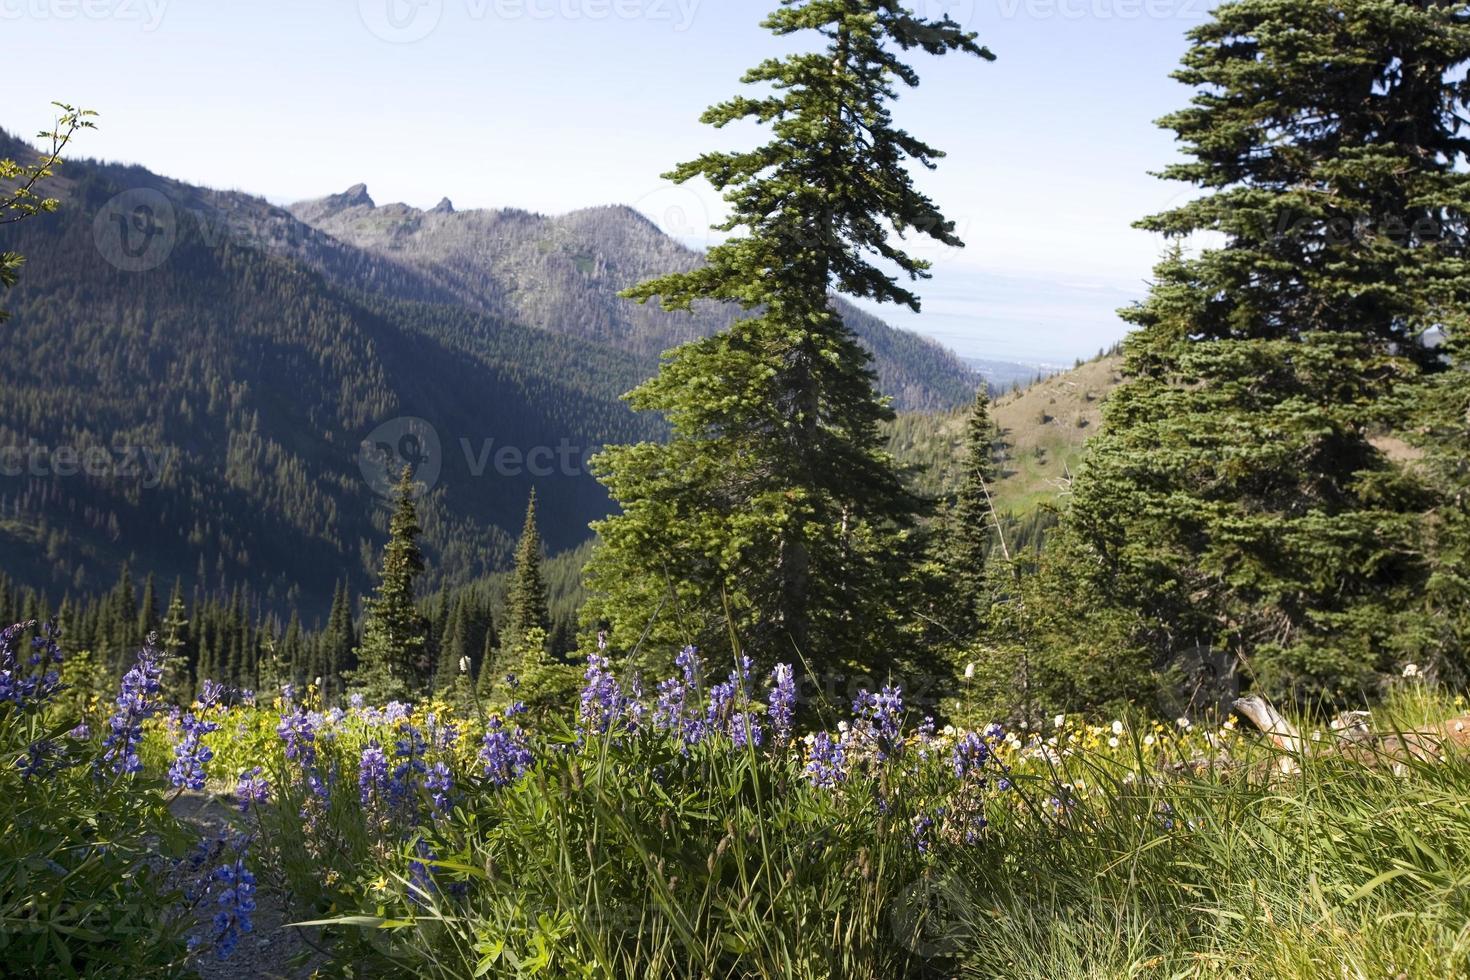 flores silvestres en las montañas foto